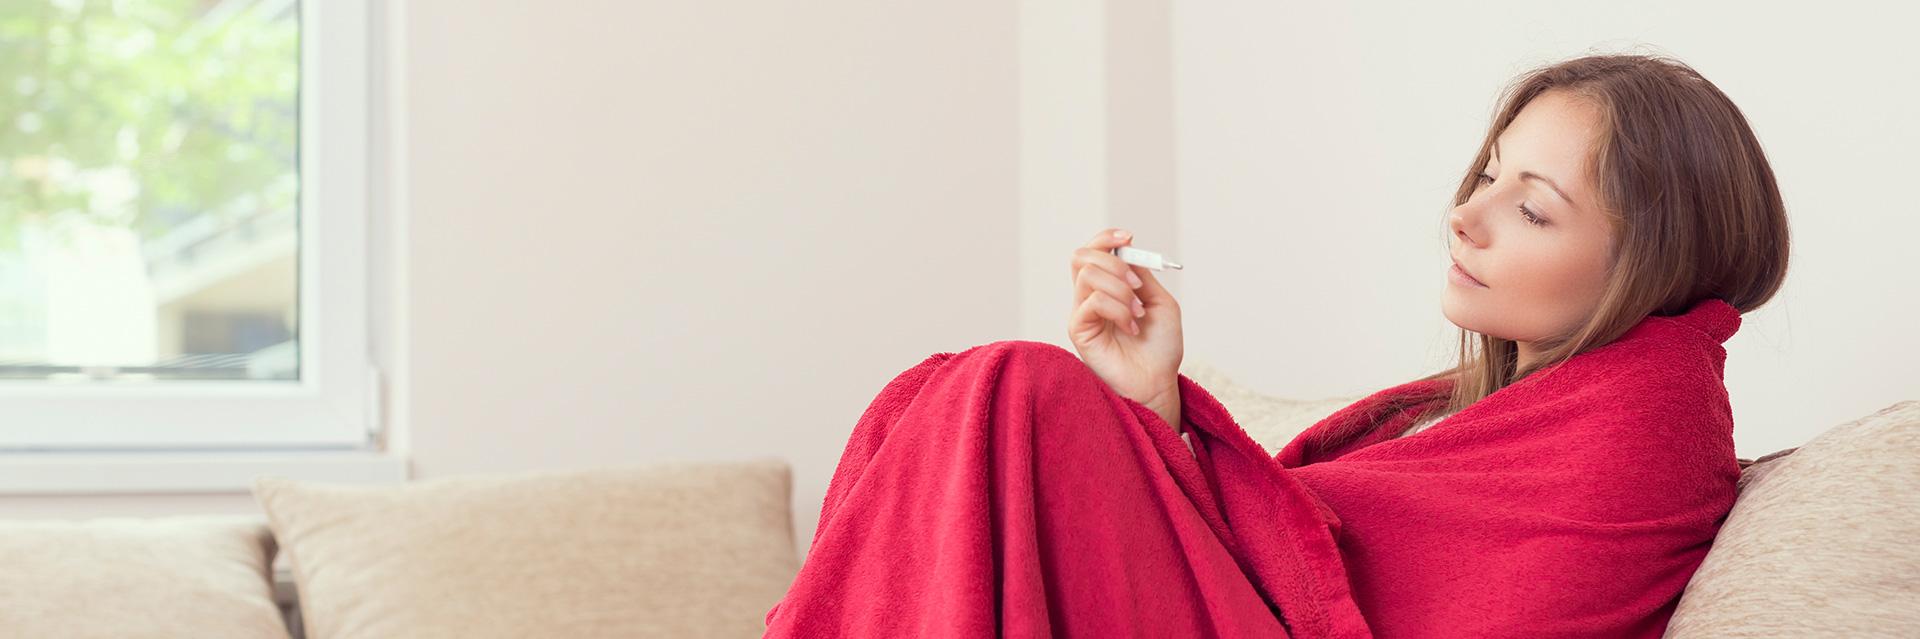 Jak zdiagnozować zapalenie zatok przynosowych?